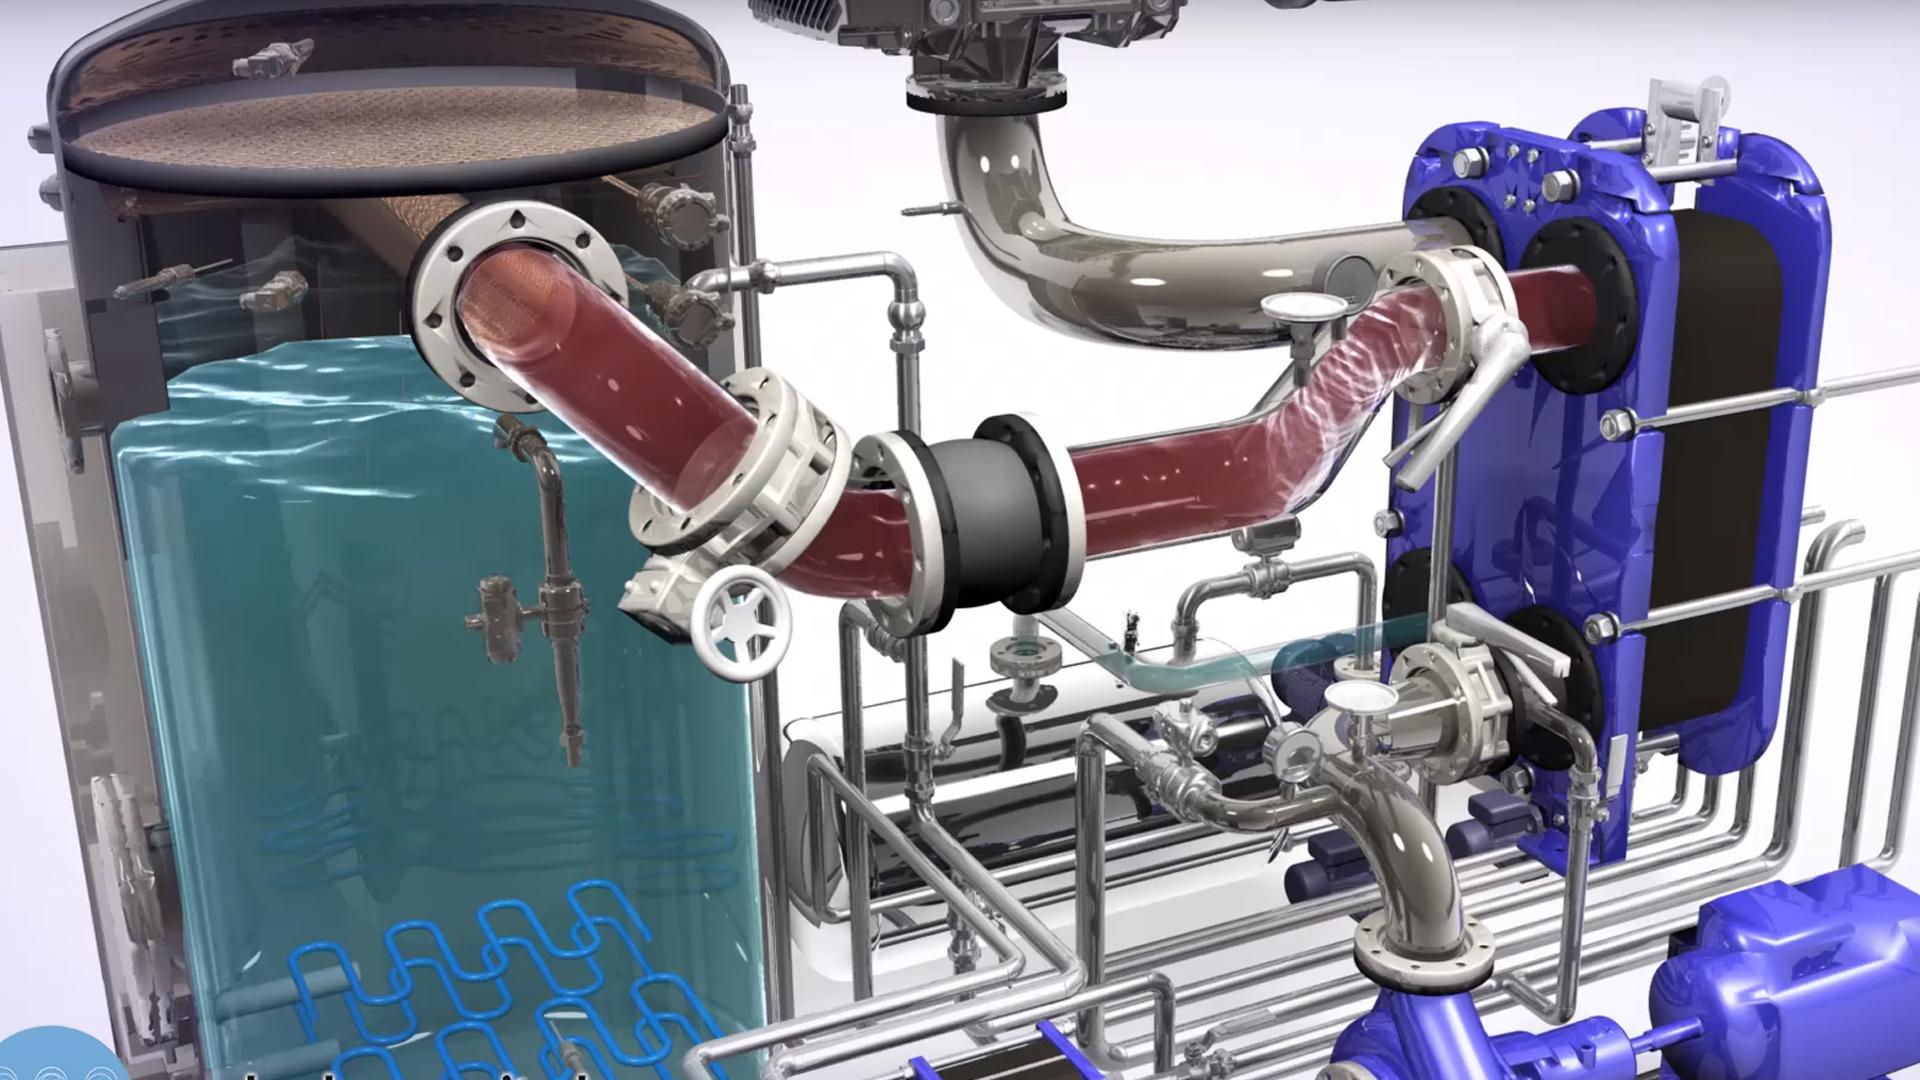 Animación-3d-industrial-video-para-empresas-maquinas-grupoaudiovisual